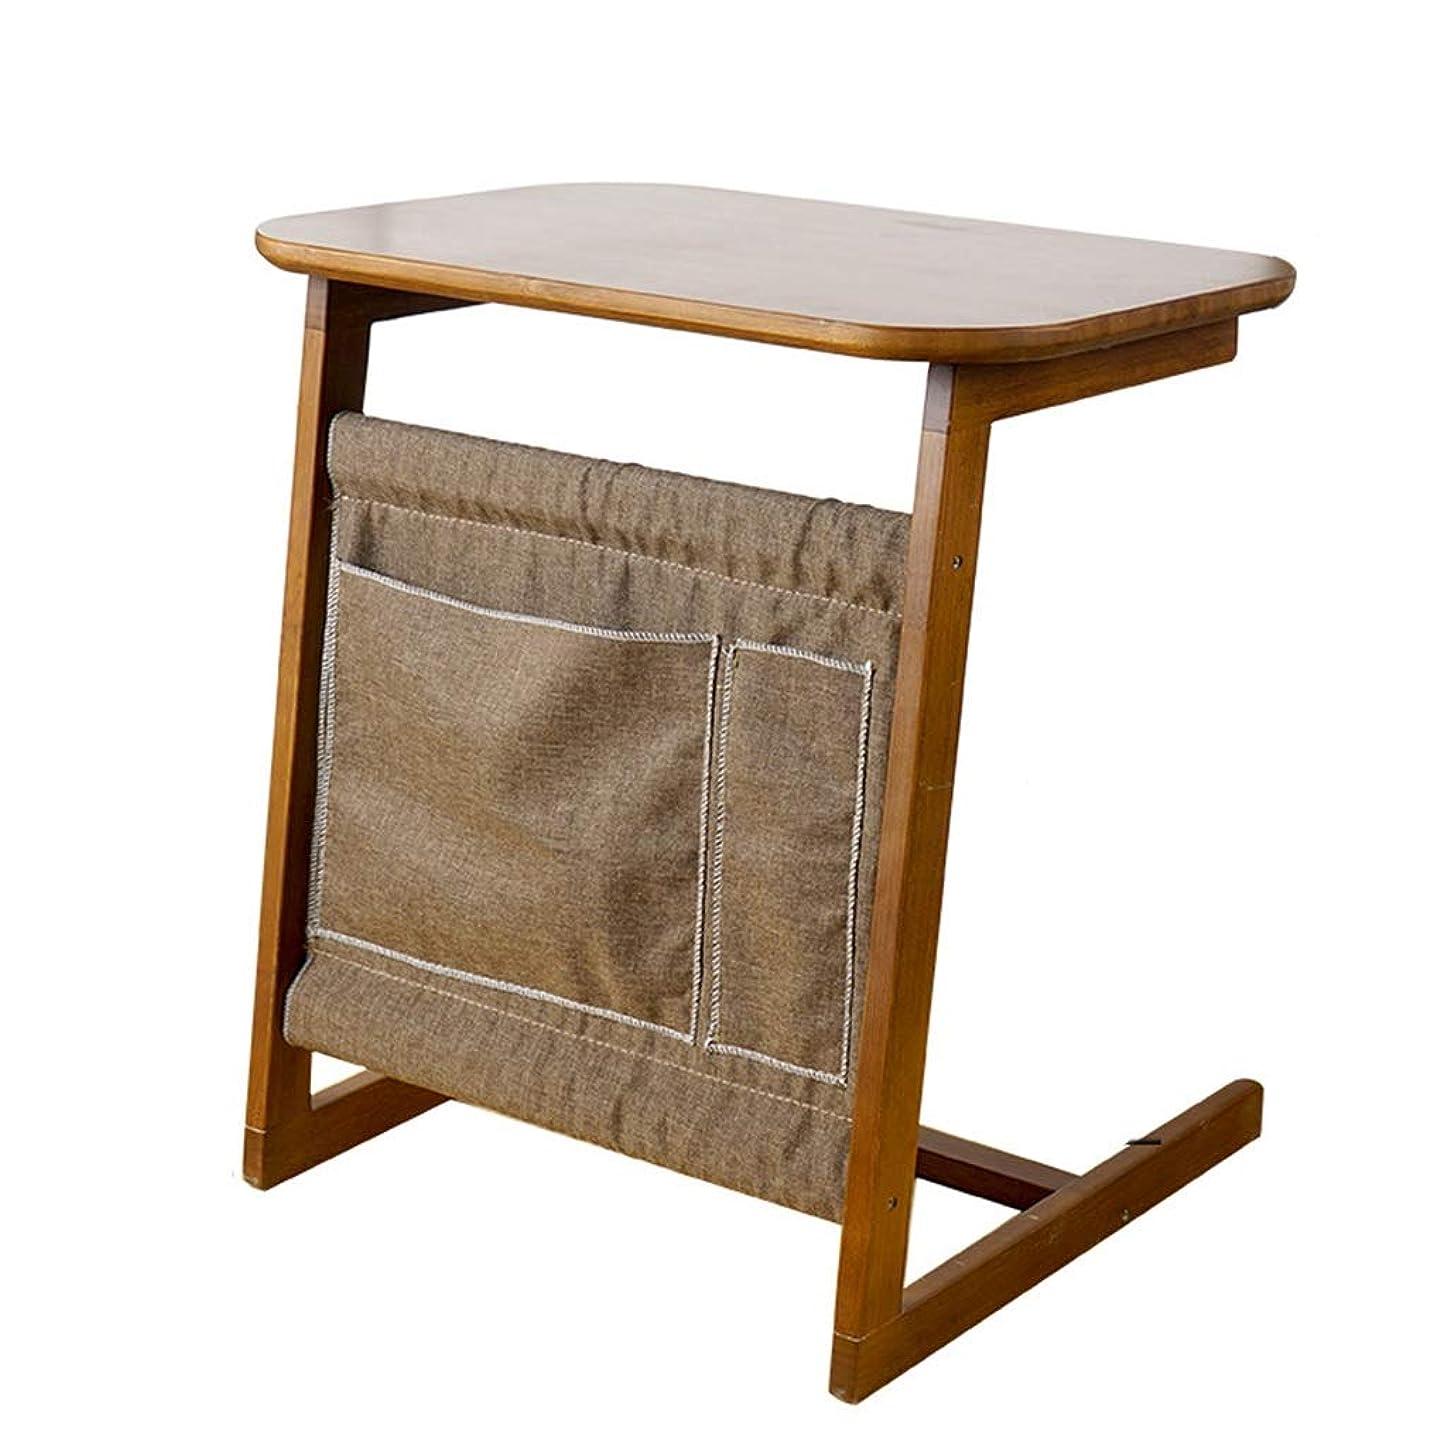 拒否ペアホームQFF-コンピュータデスク ベッドサイドテーブル、シンプルなそれは小さなデスクベッドルームバルコニーのコーヒーテーブル研究ラップトップテーブル研究テーブルを移動することができます 研究テーブル (サイズ さいず : 60*40*65cm)